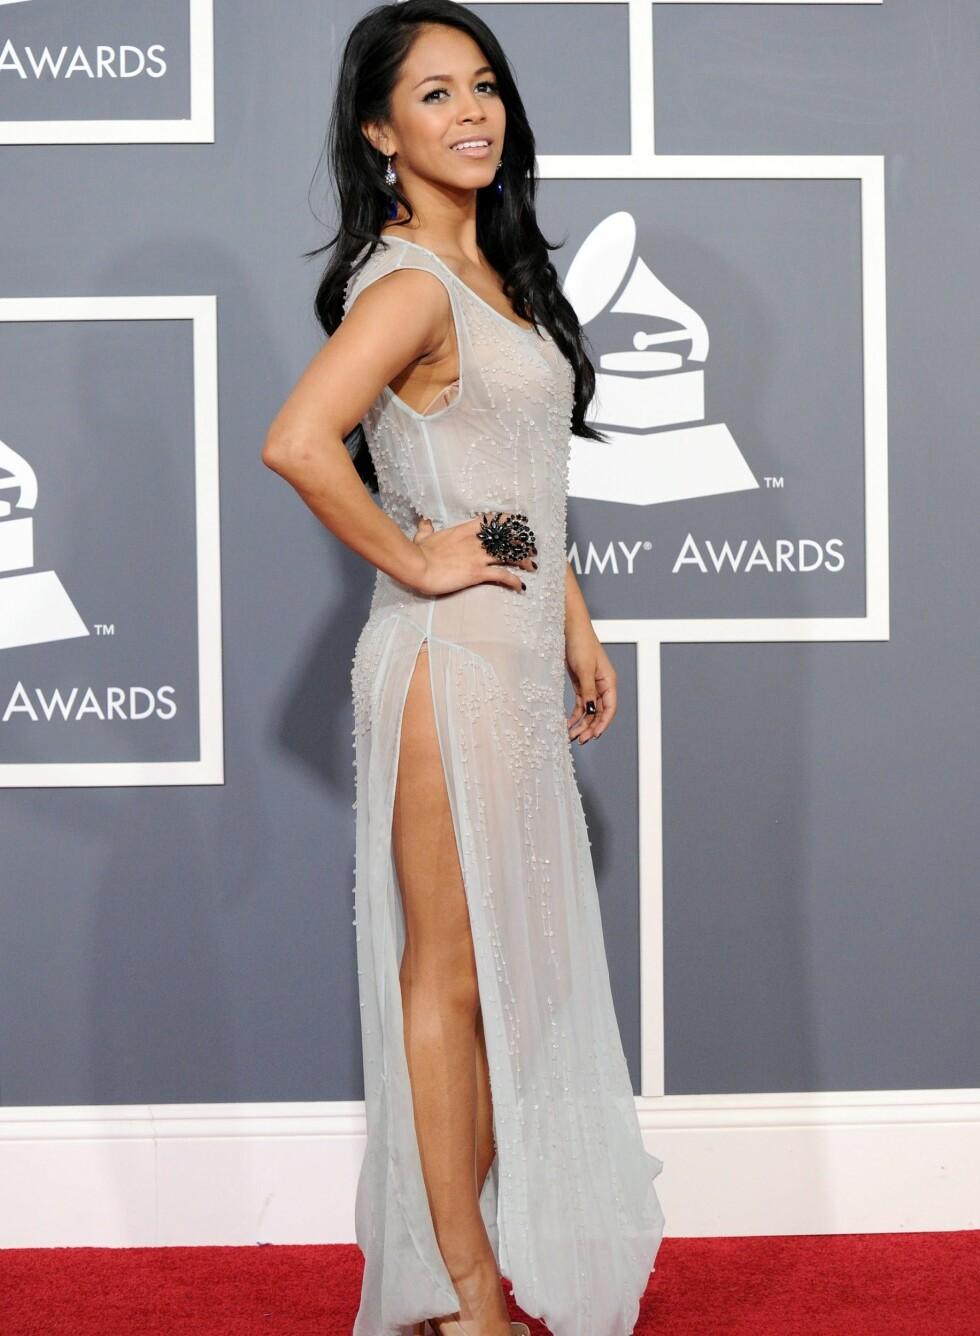 Skuespiller Lia Roman i grå transparent kjole med stor statementring.  Foto: All Over Press